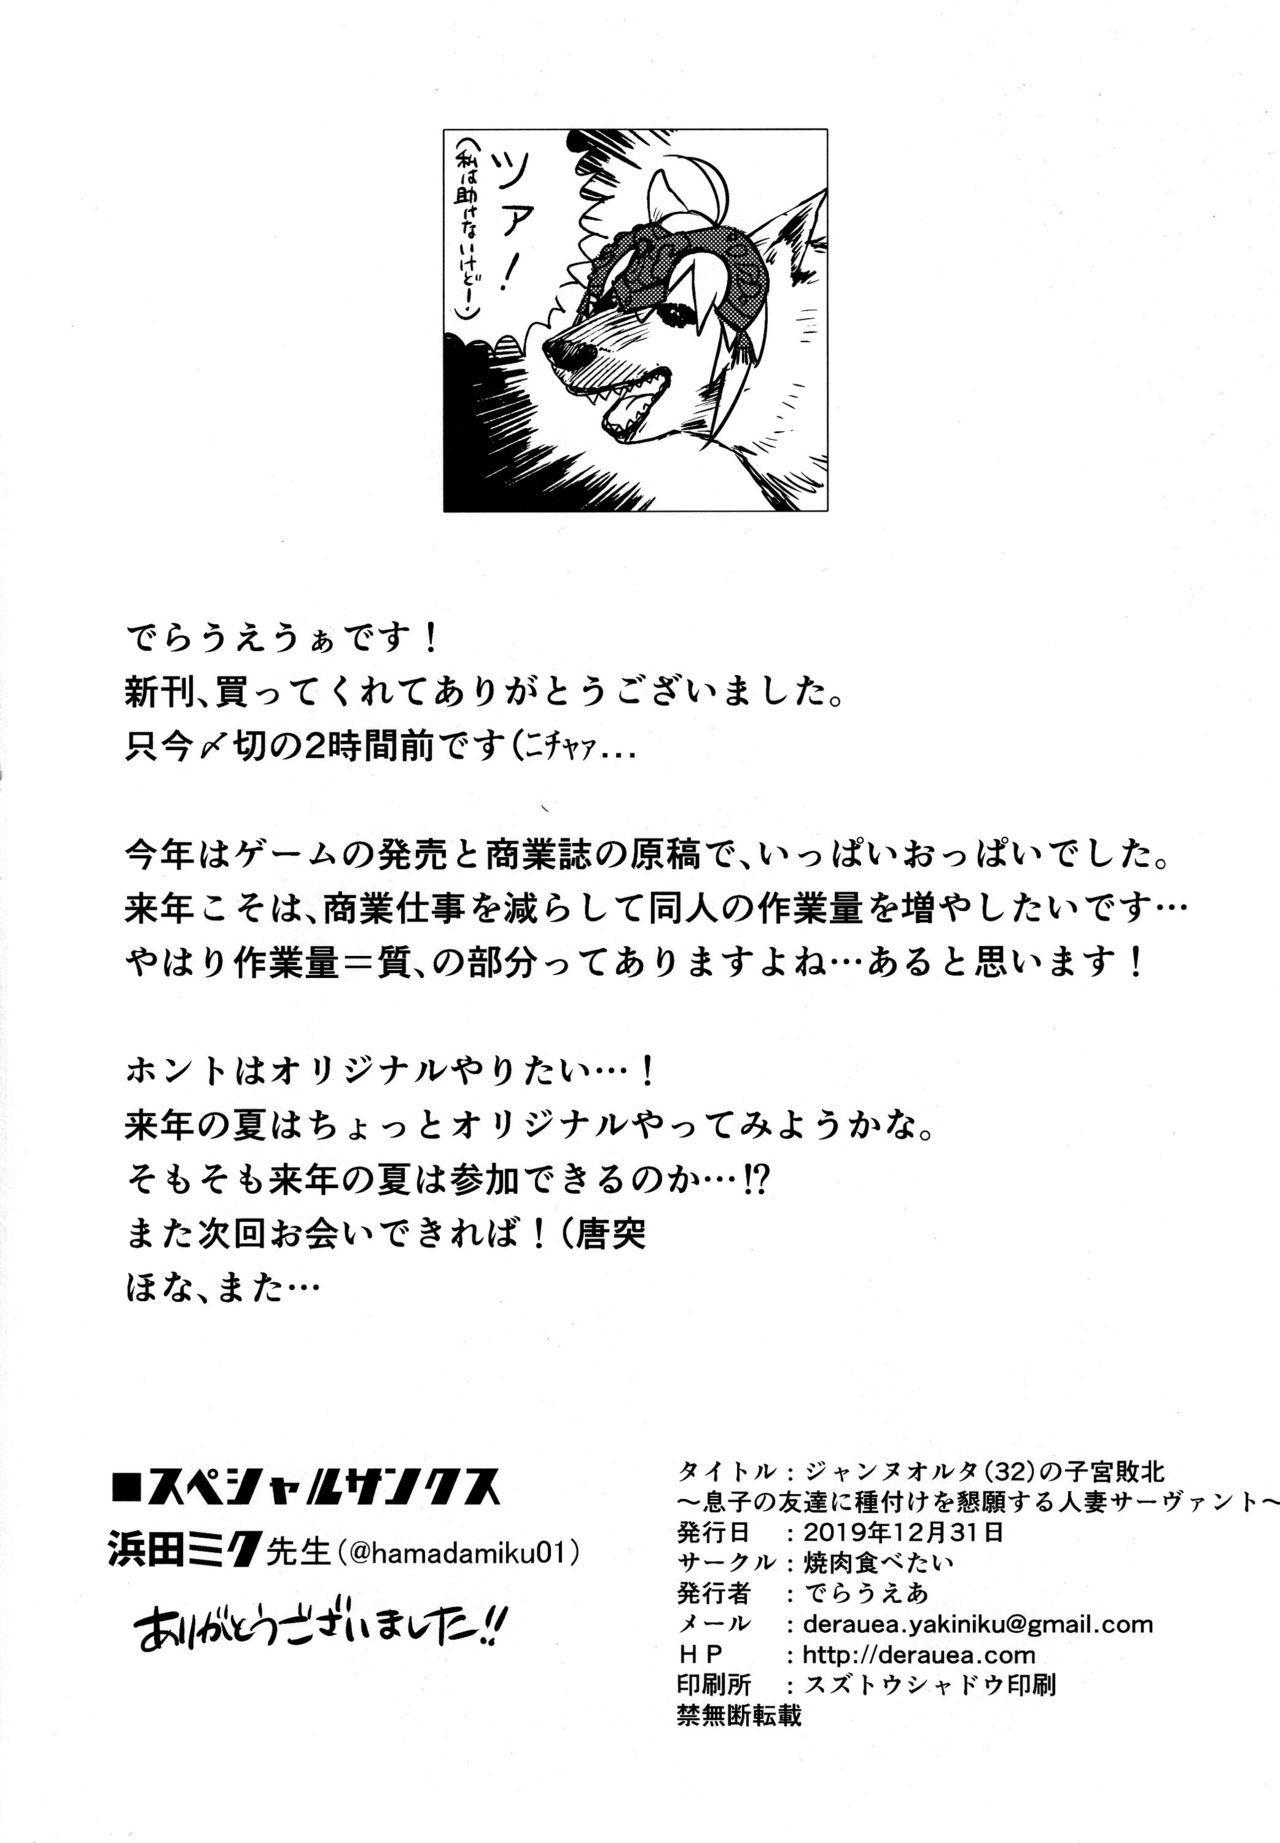 (C97) [Yakiniku Tabetai (Derauea)] Jeanne Alter (32) no Shikyuu Haiboku ~Musuko no Tomodachi ni Tanetsuke o Kongan suru Hitozuma Servant~ (Fate/Grand Order) 38